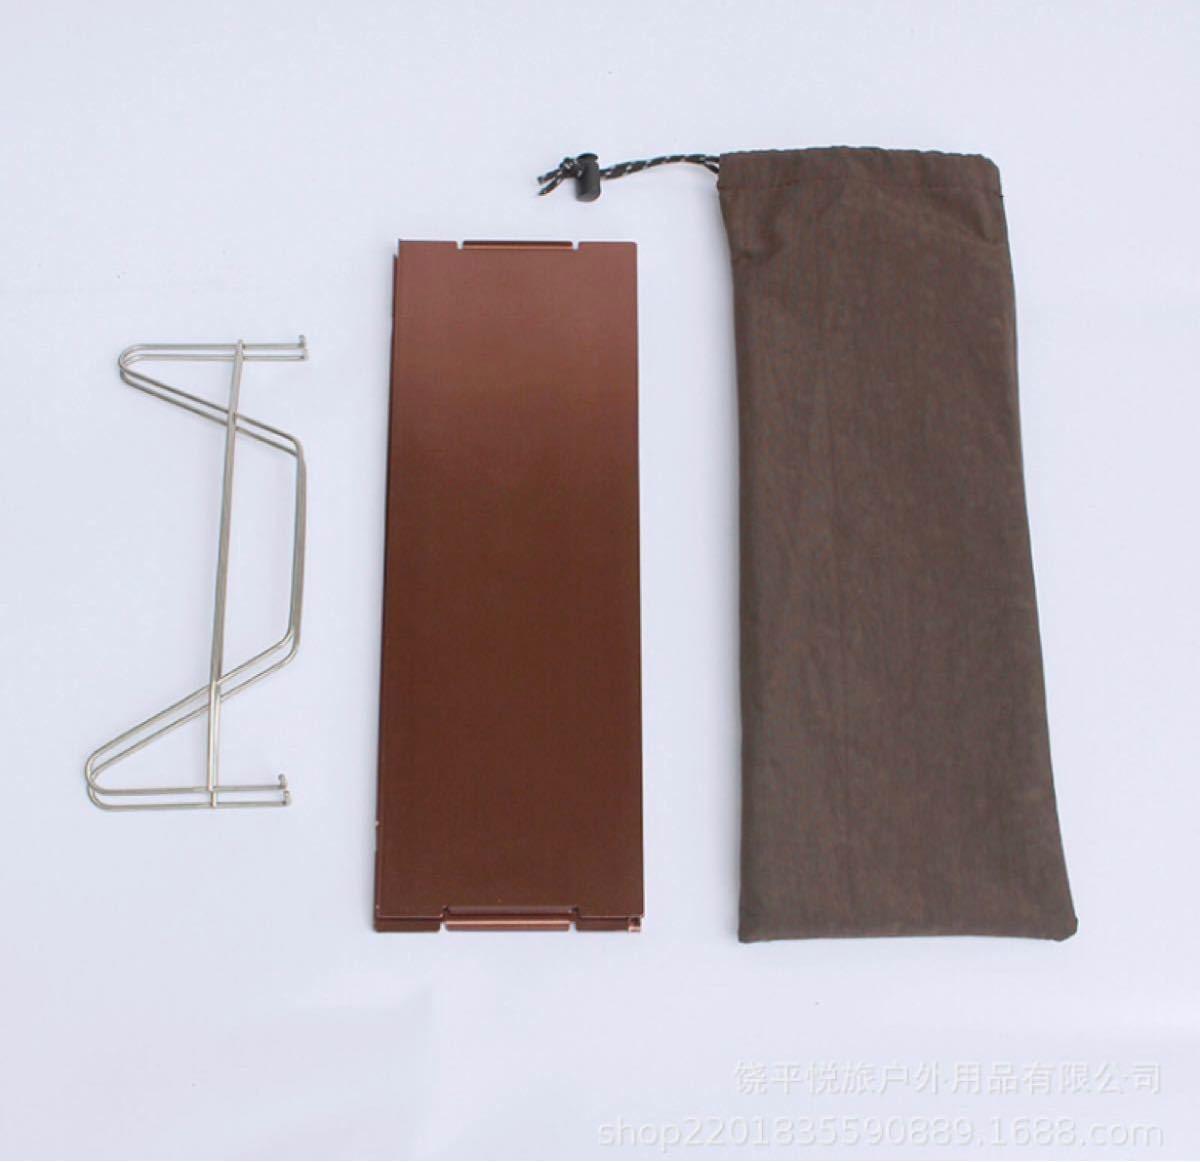 テーブル アルミ製 超軽量 組み立て アウトドアテーブル ブラウン ミニテーブル ソロキャンプ 収納袋